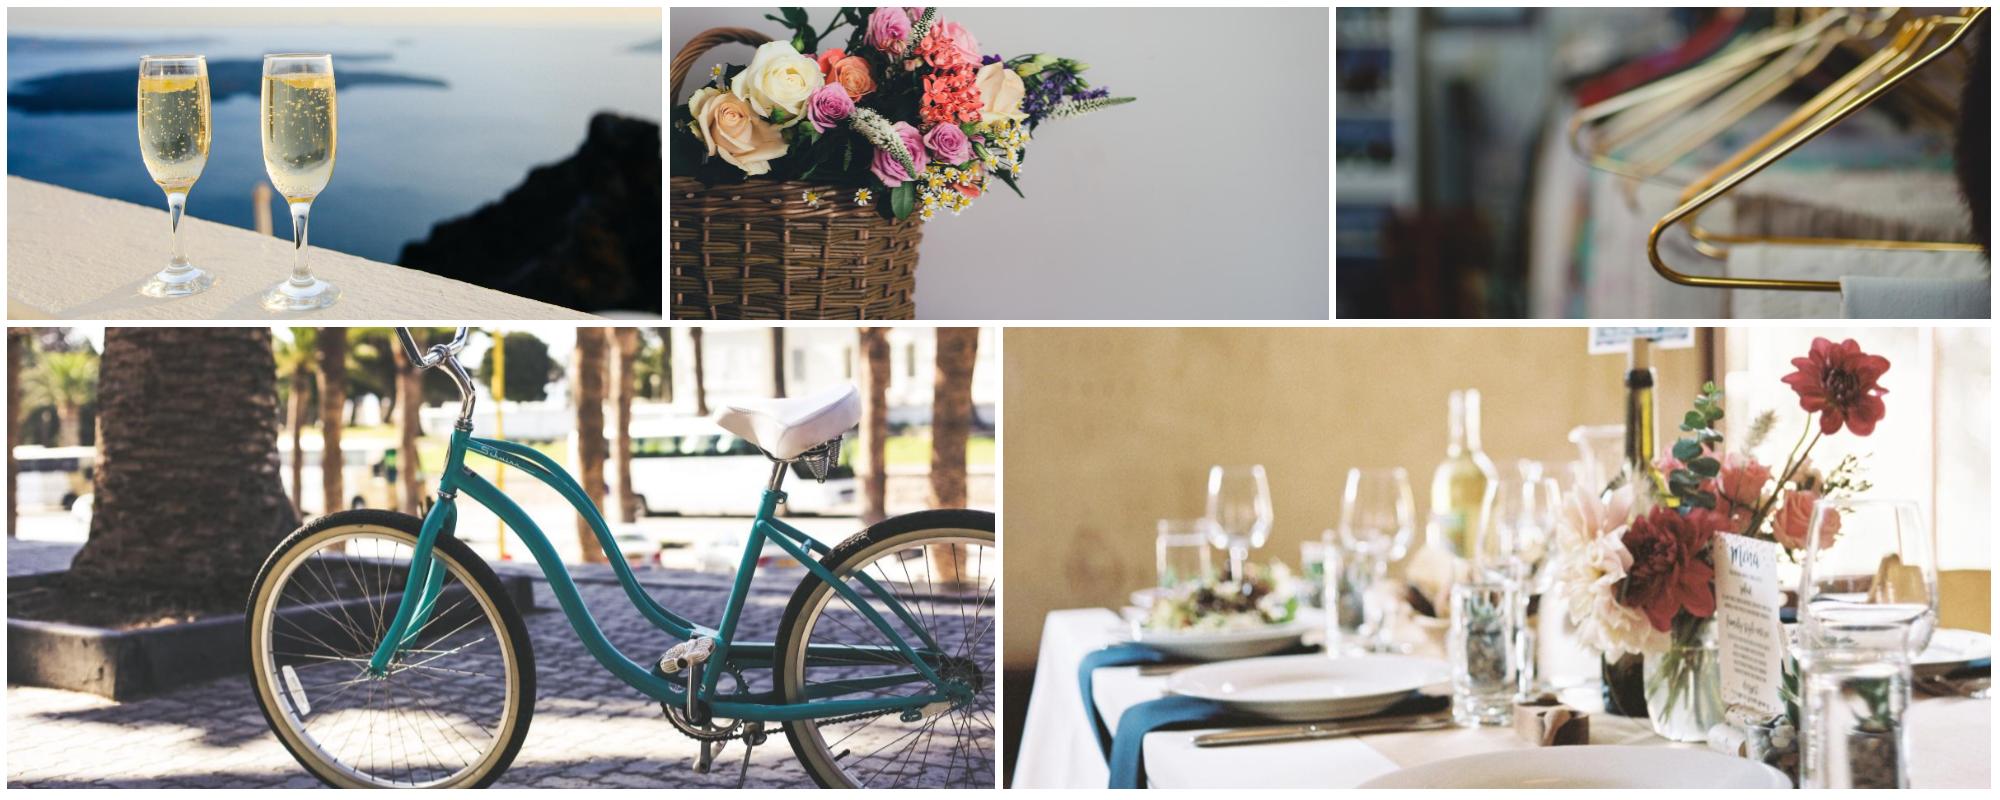 Collage con fotografías de una cesta de regalo, una lavandería, una bicicleta y una cena